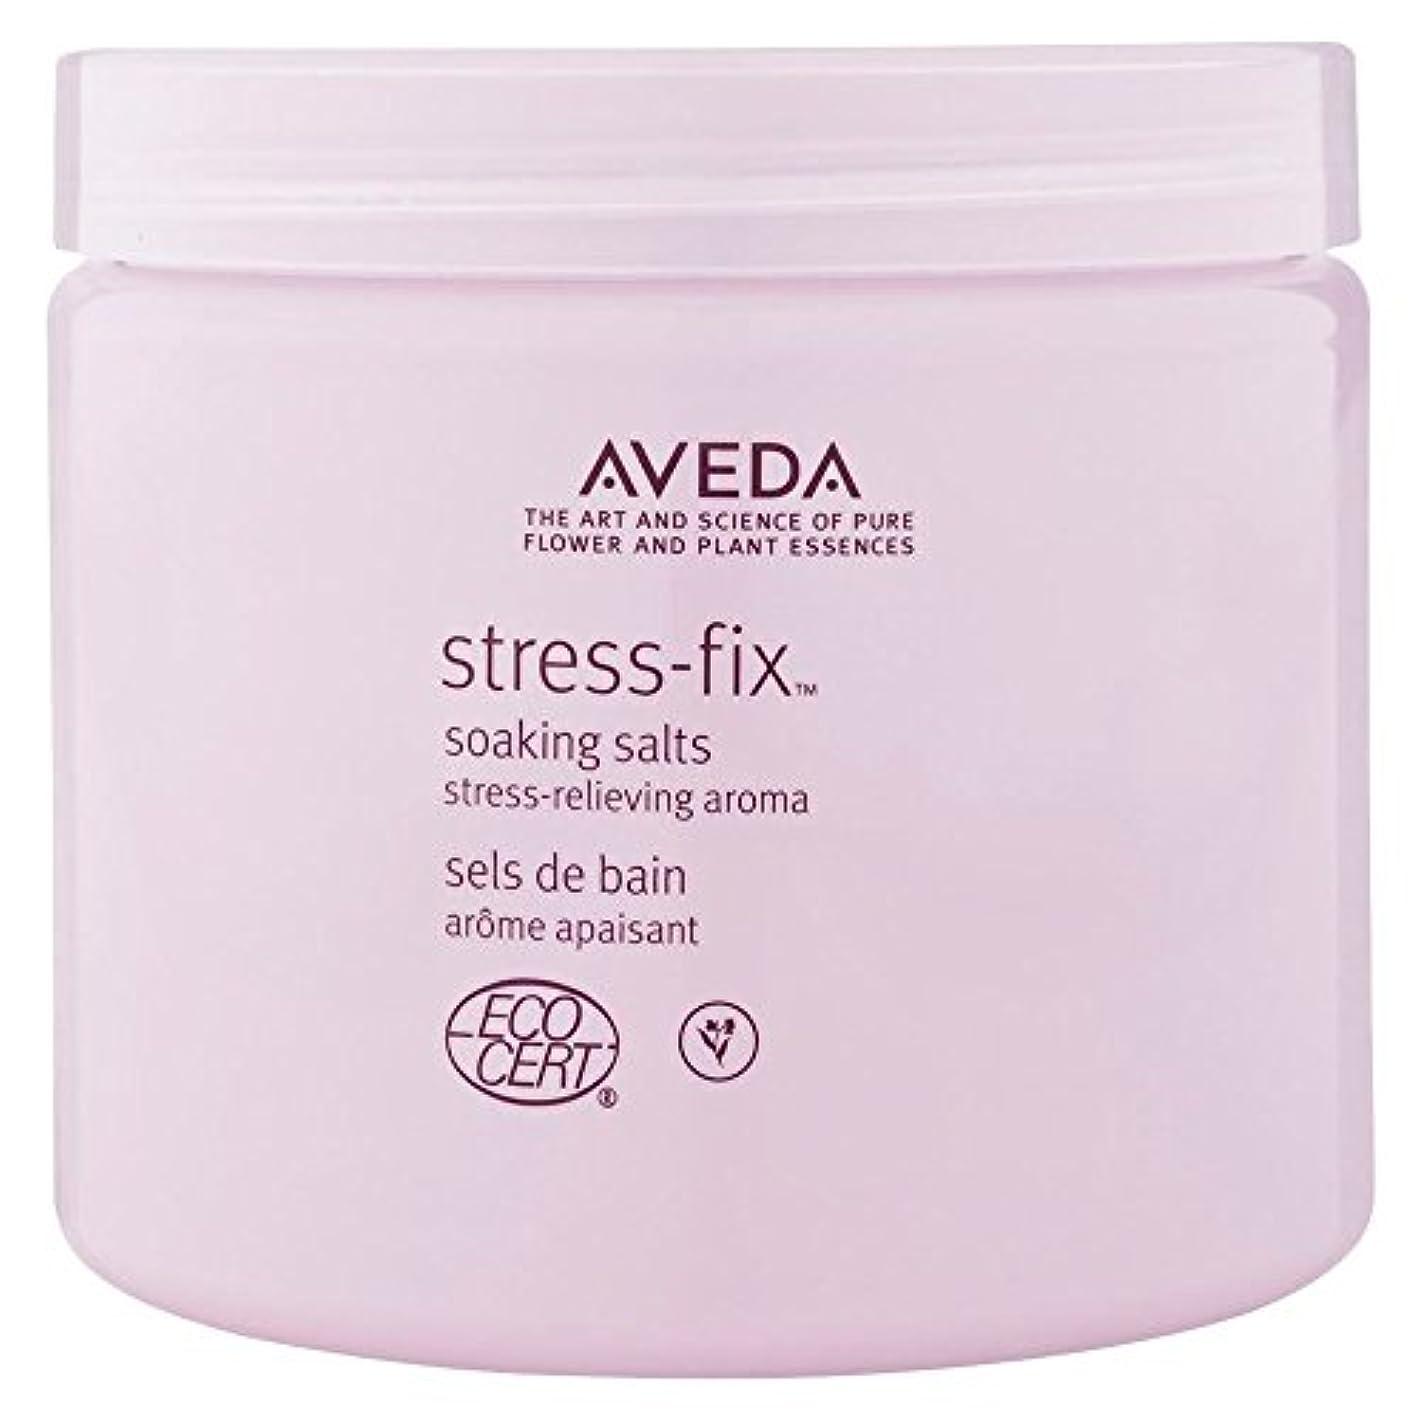 華氏書き出す真剣に[AVEDA] アヴェダストレスフィックス均熱塩454グラム - Aveda Stress-Fix Soaking Salts 454g [並行輸入品]